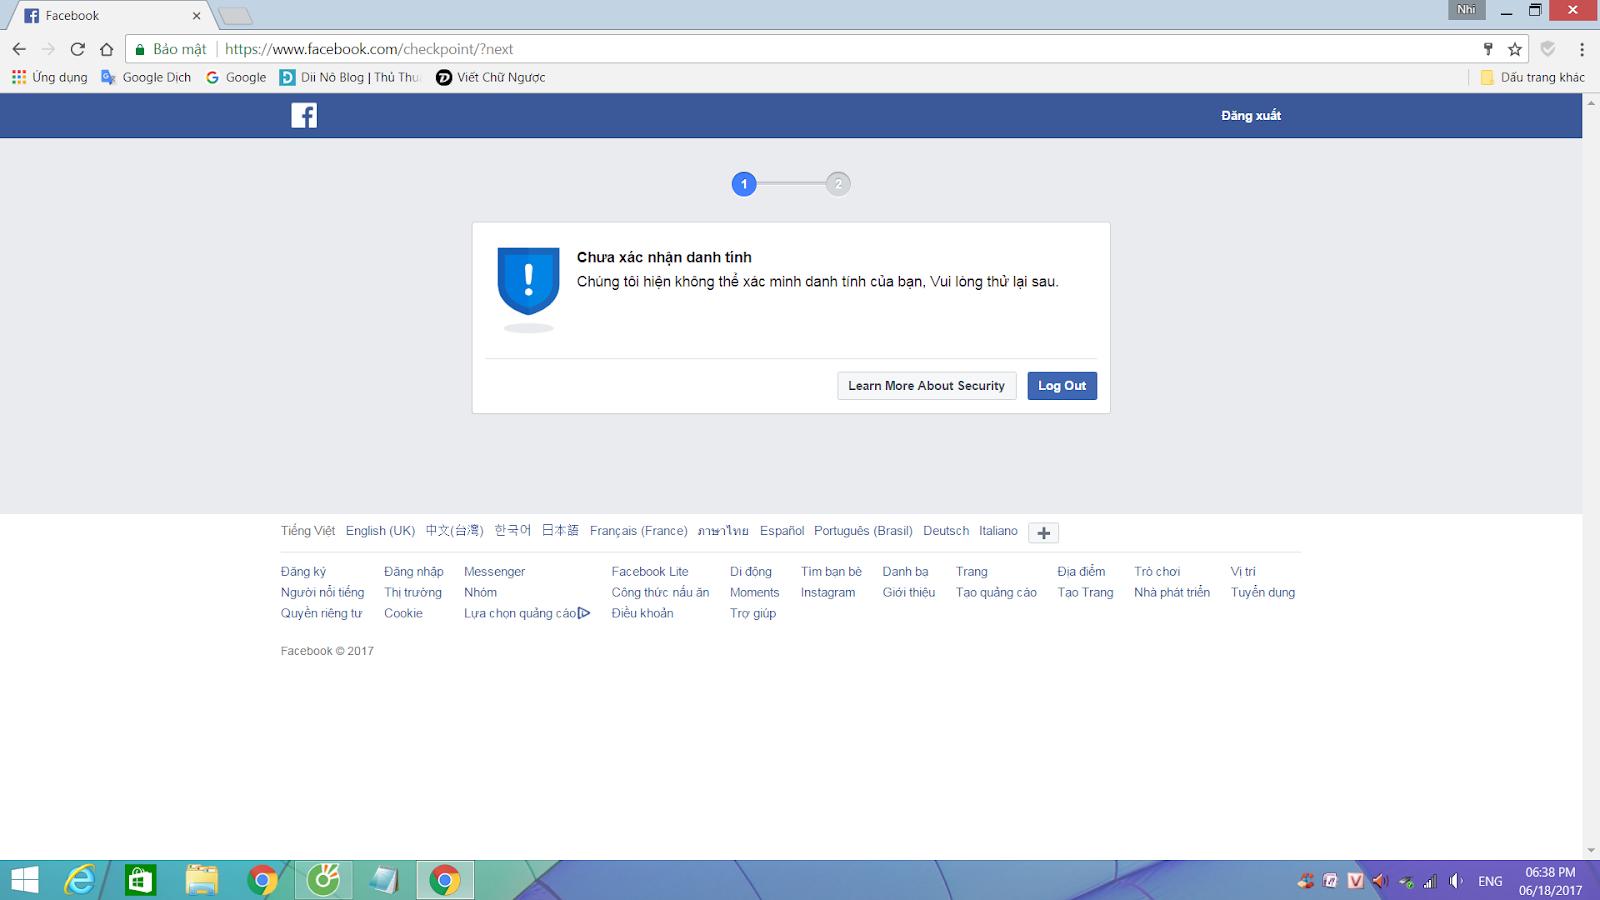 Nếu tài khoản cá nhân của người sử dụng bị khóa thì con người có khả năng tiến hành truy cập vàolink xác minh danh tính Facebook. Sau đấy làm theo từng bước hướng dẫn: